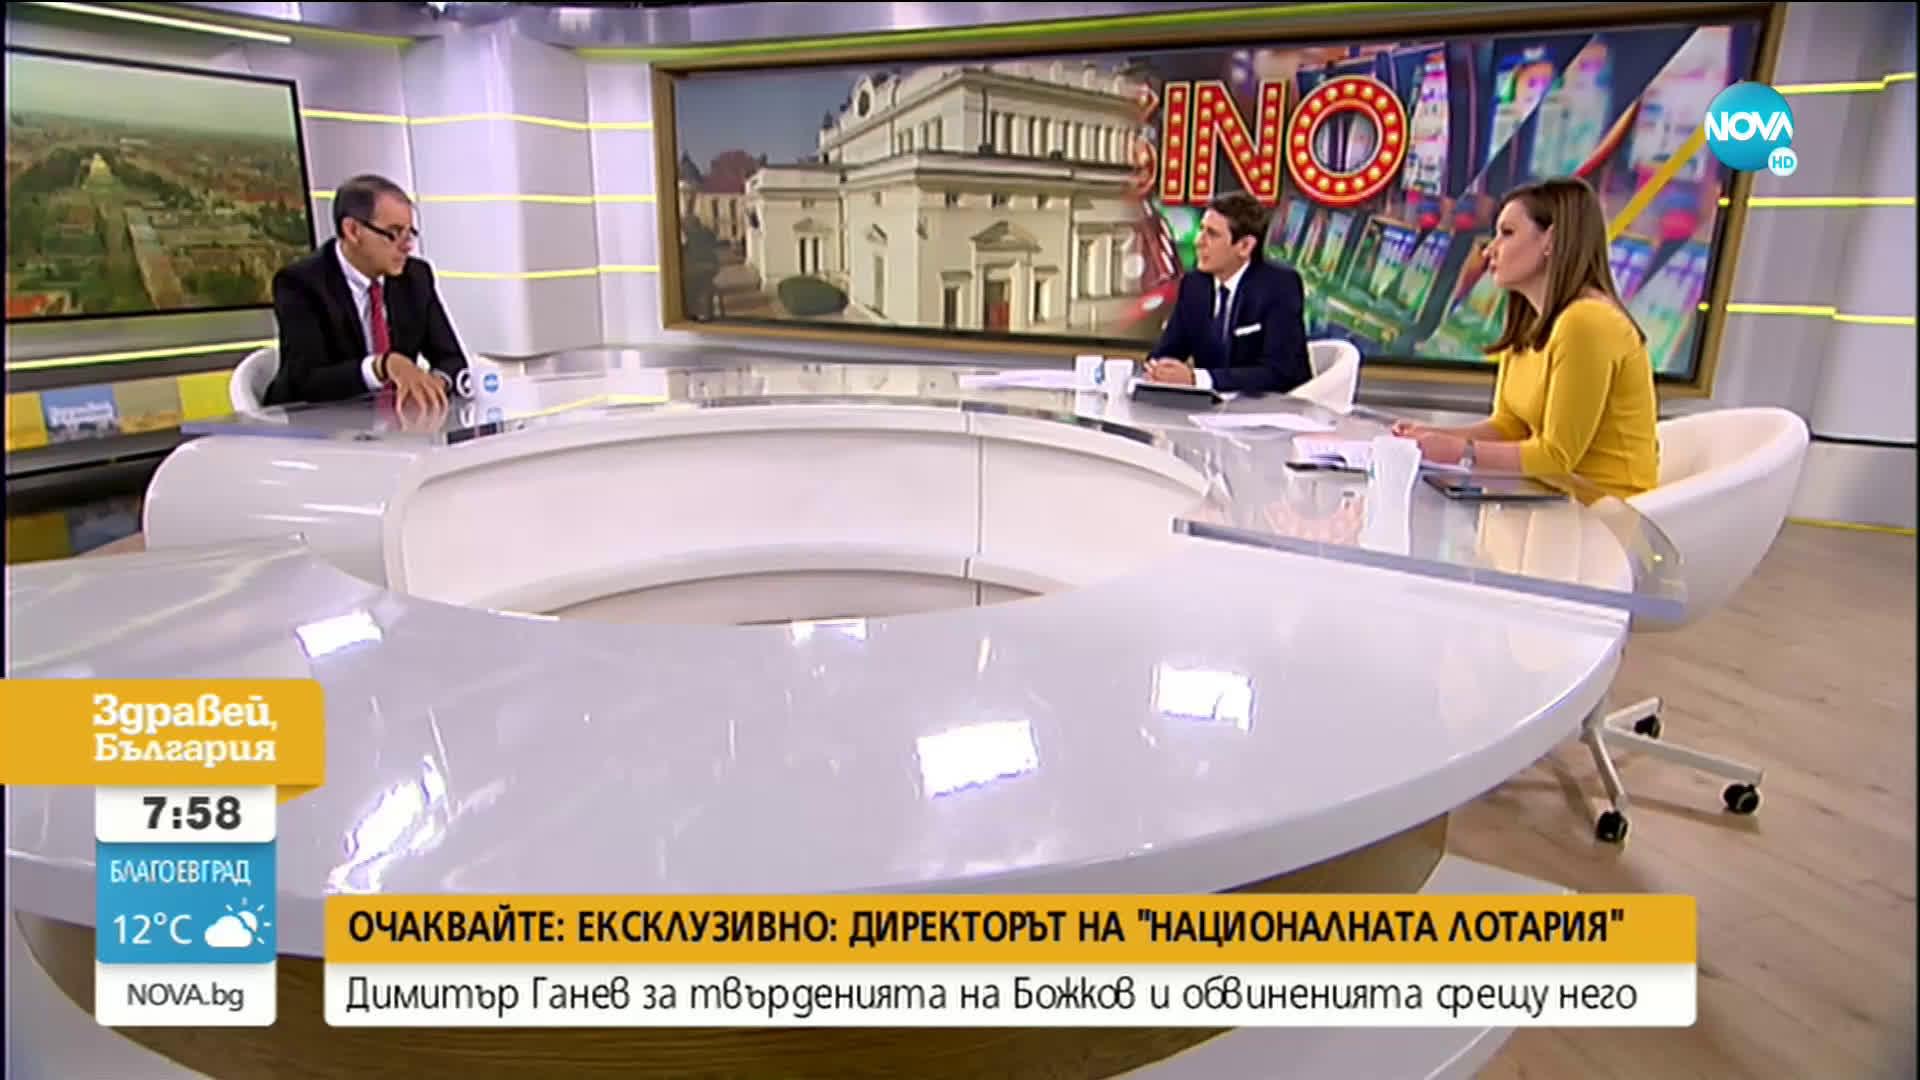 Ангел Ирибозов: В България няма нелегален хазарт